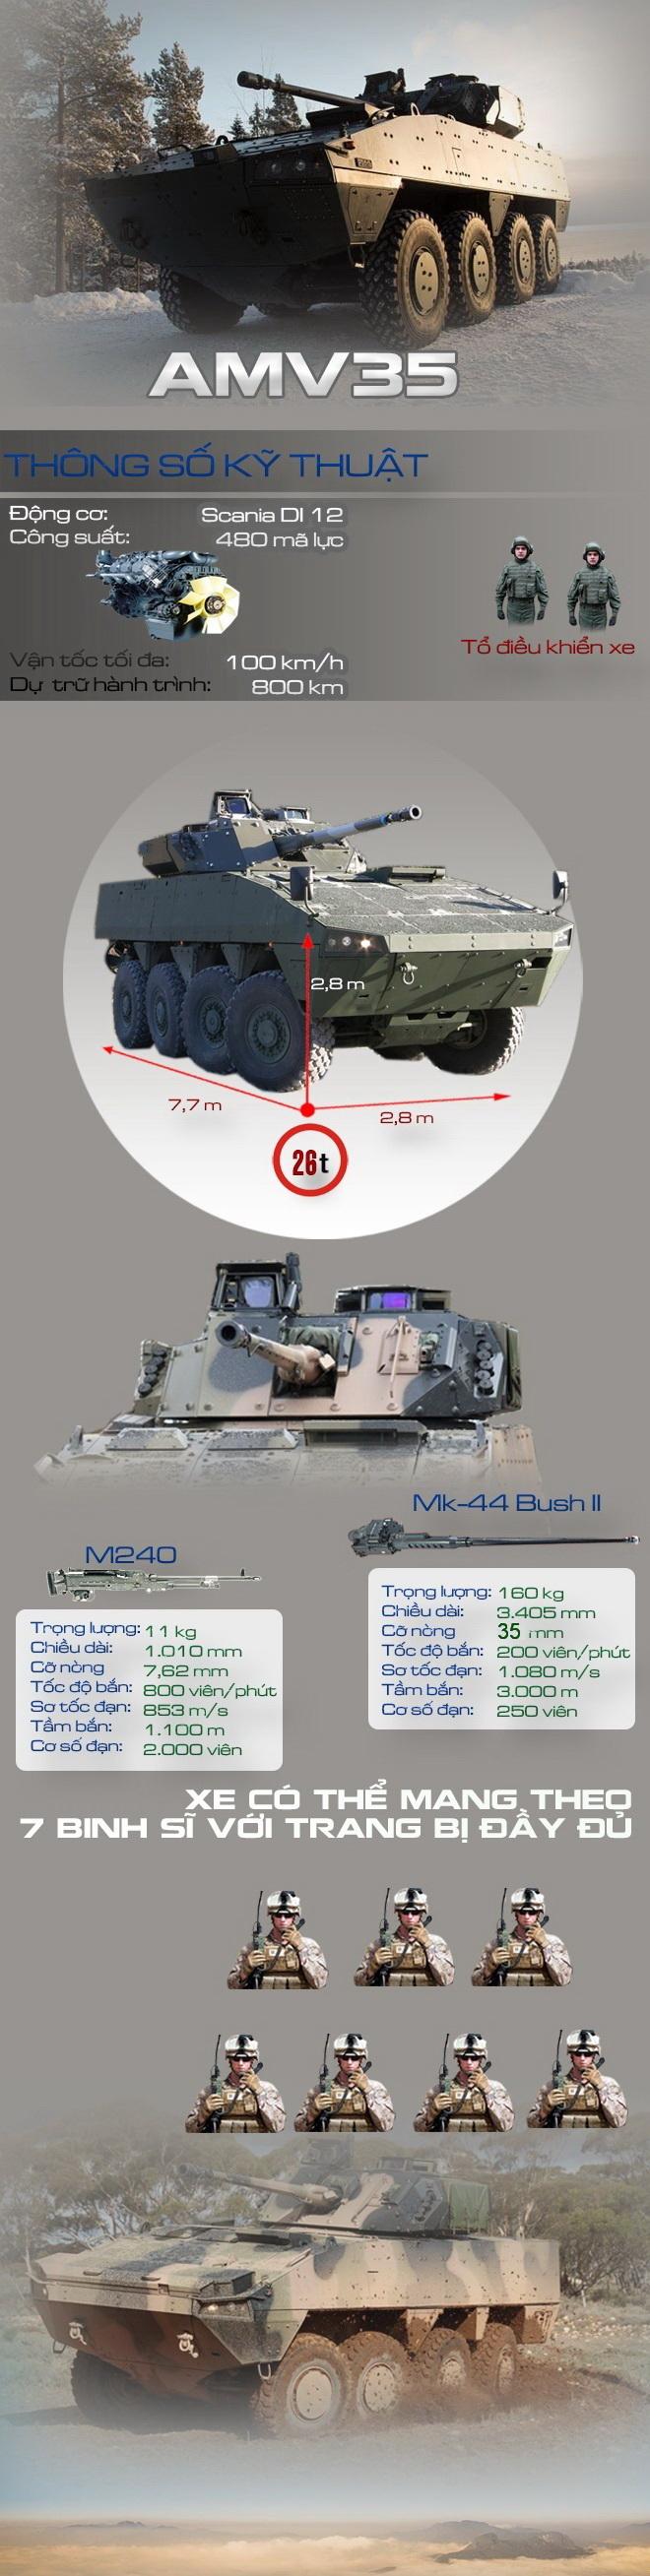 Xe thiết giáp con lai giữa Phần Lan và Thụy Điển có gì đặc biệt? - Ảnh 1.